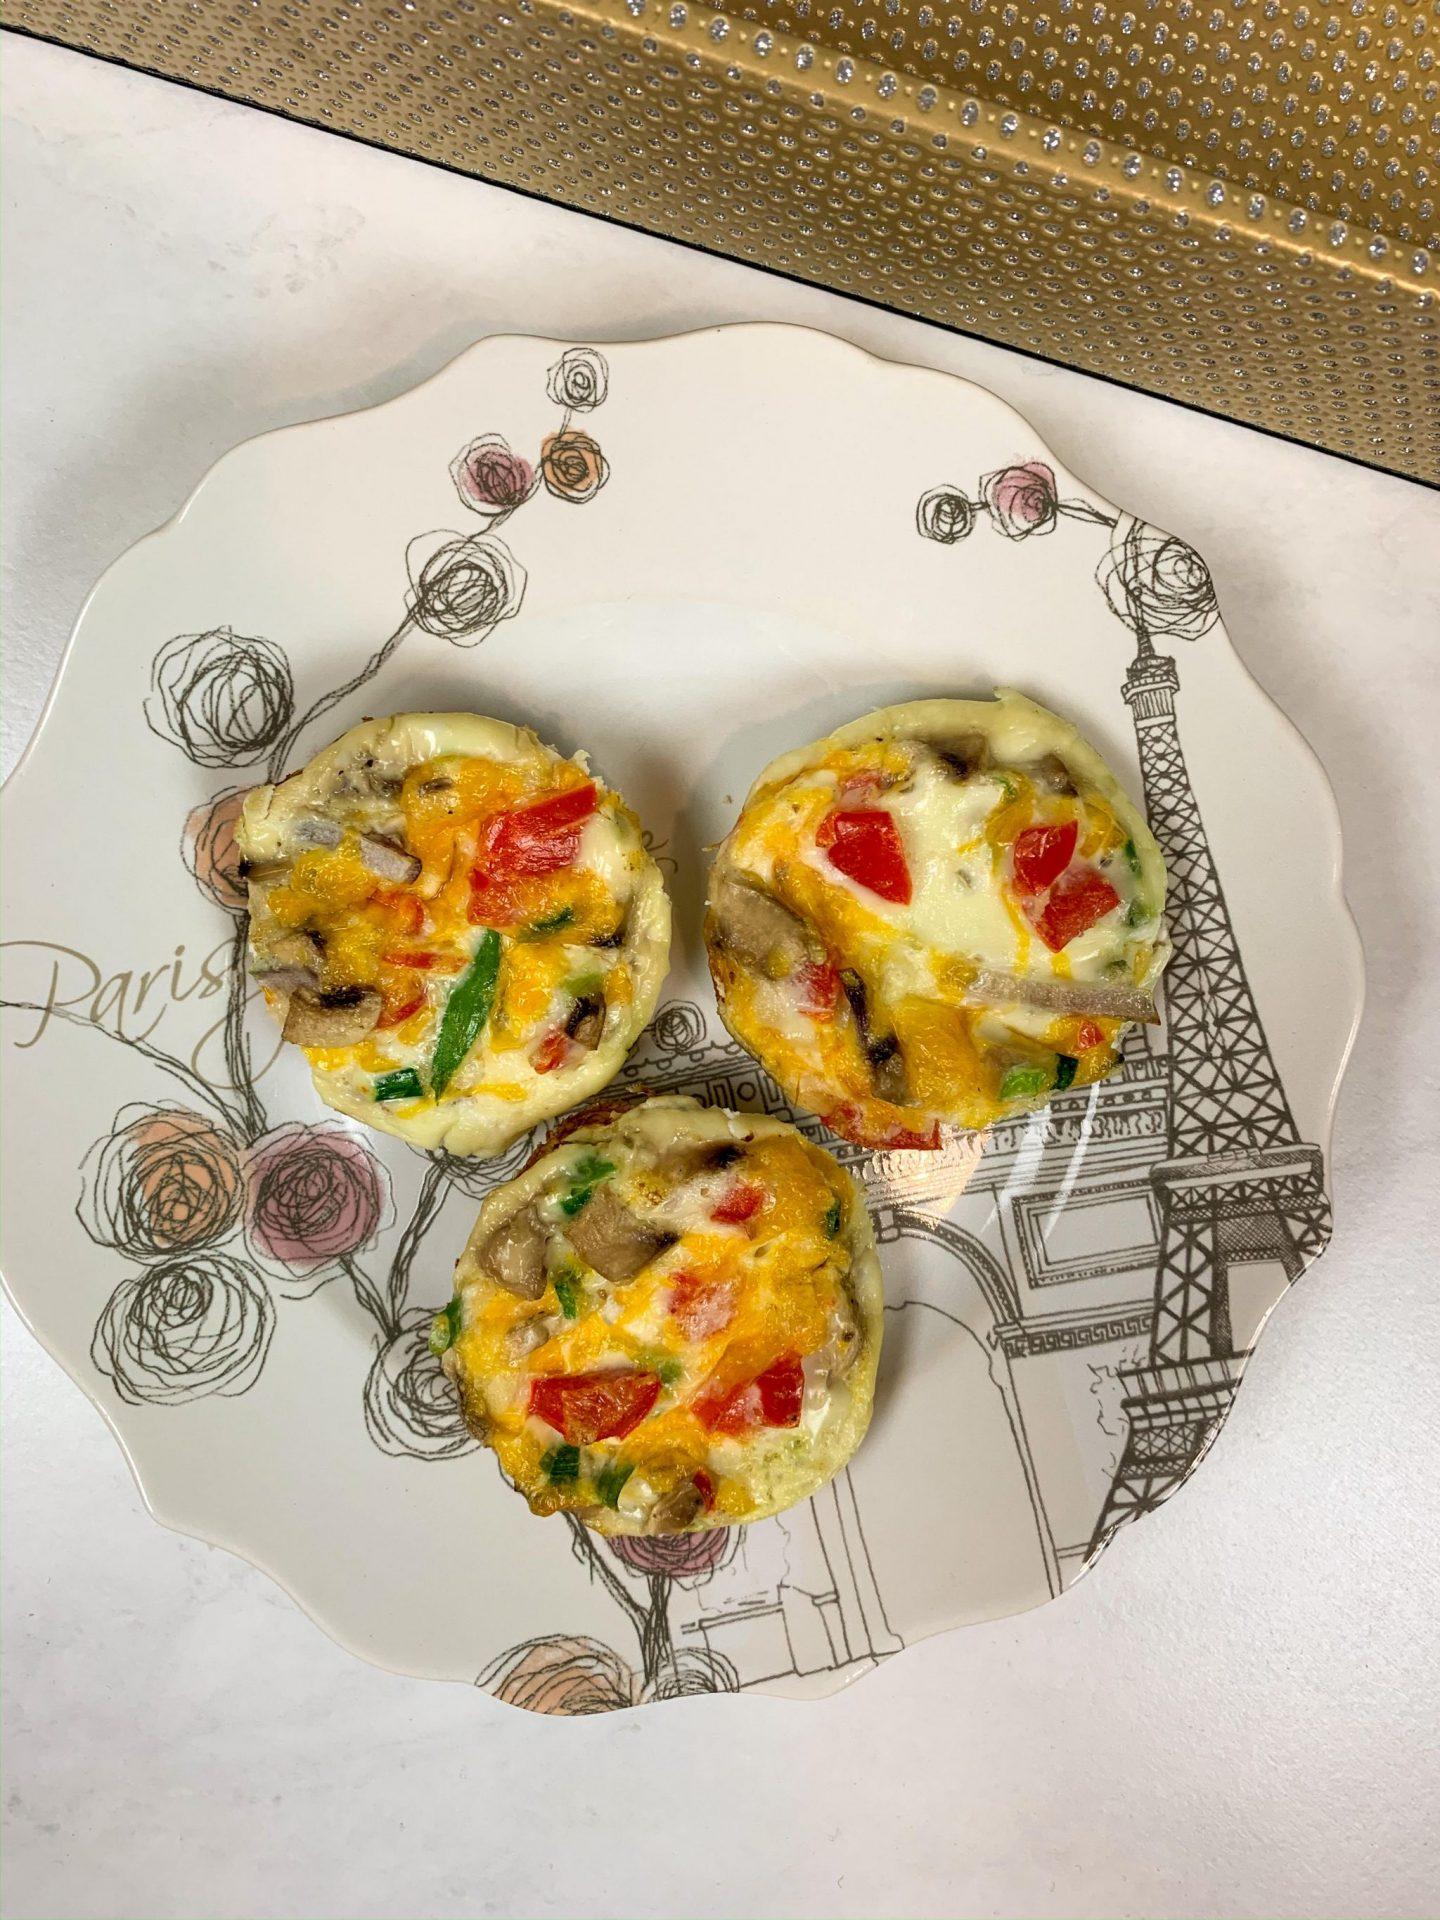 Loaded Egg Bites